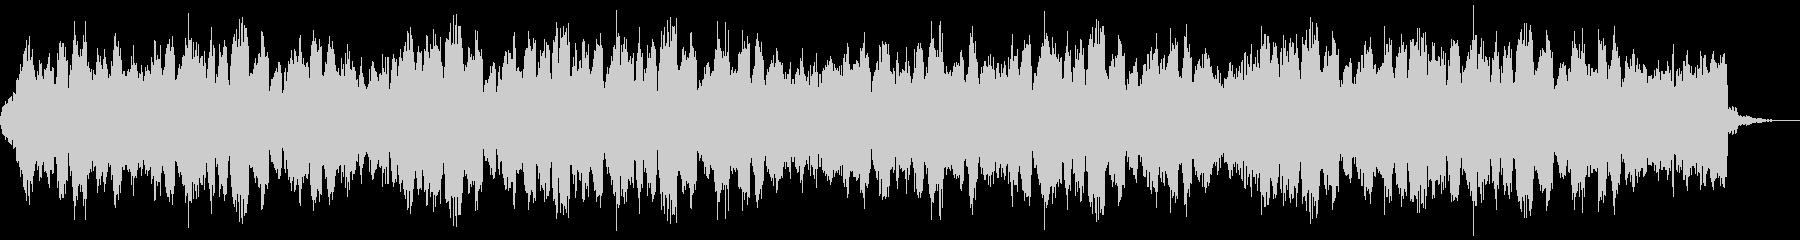 「蛍の光」 オーケストラアレンジの未再生の波形